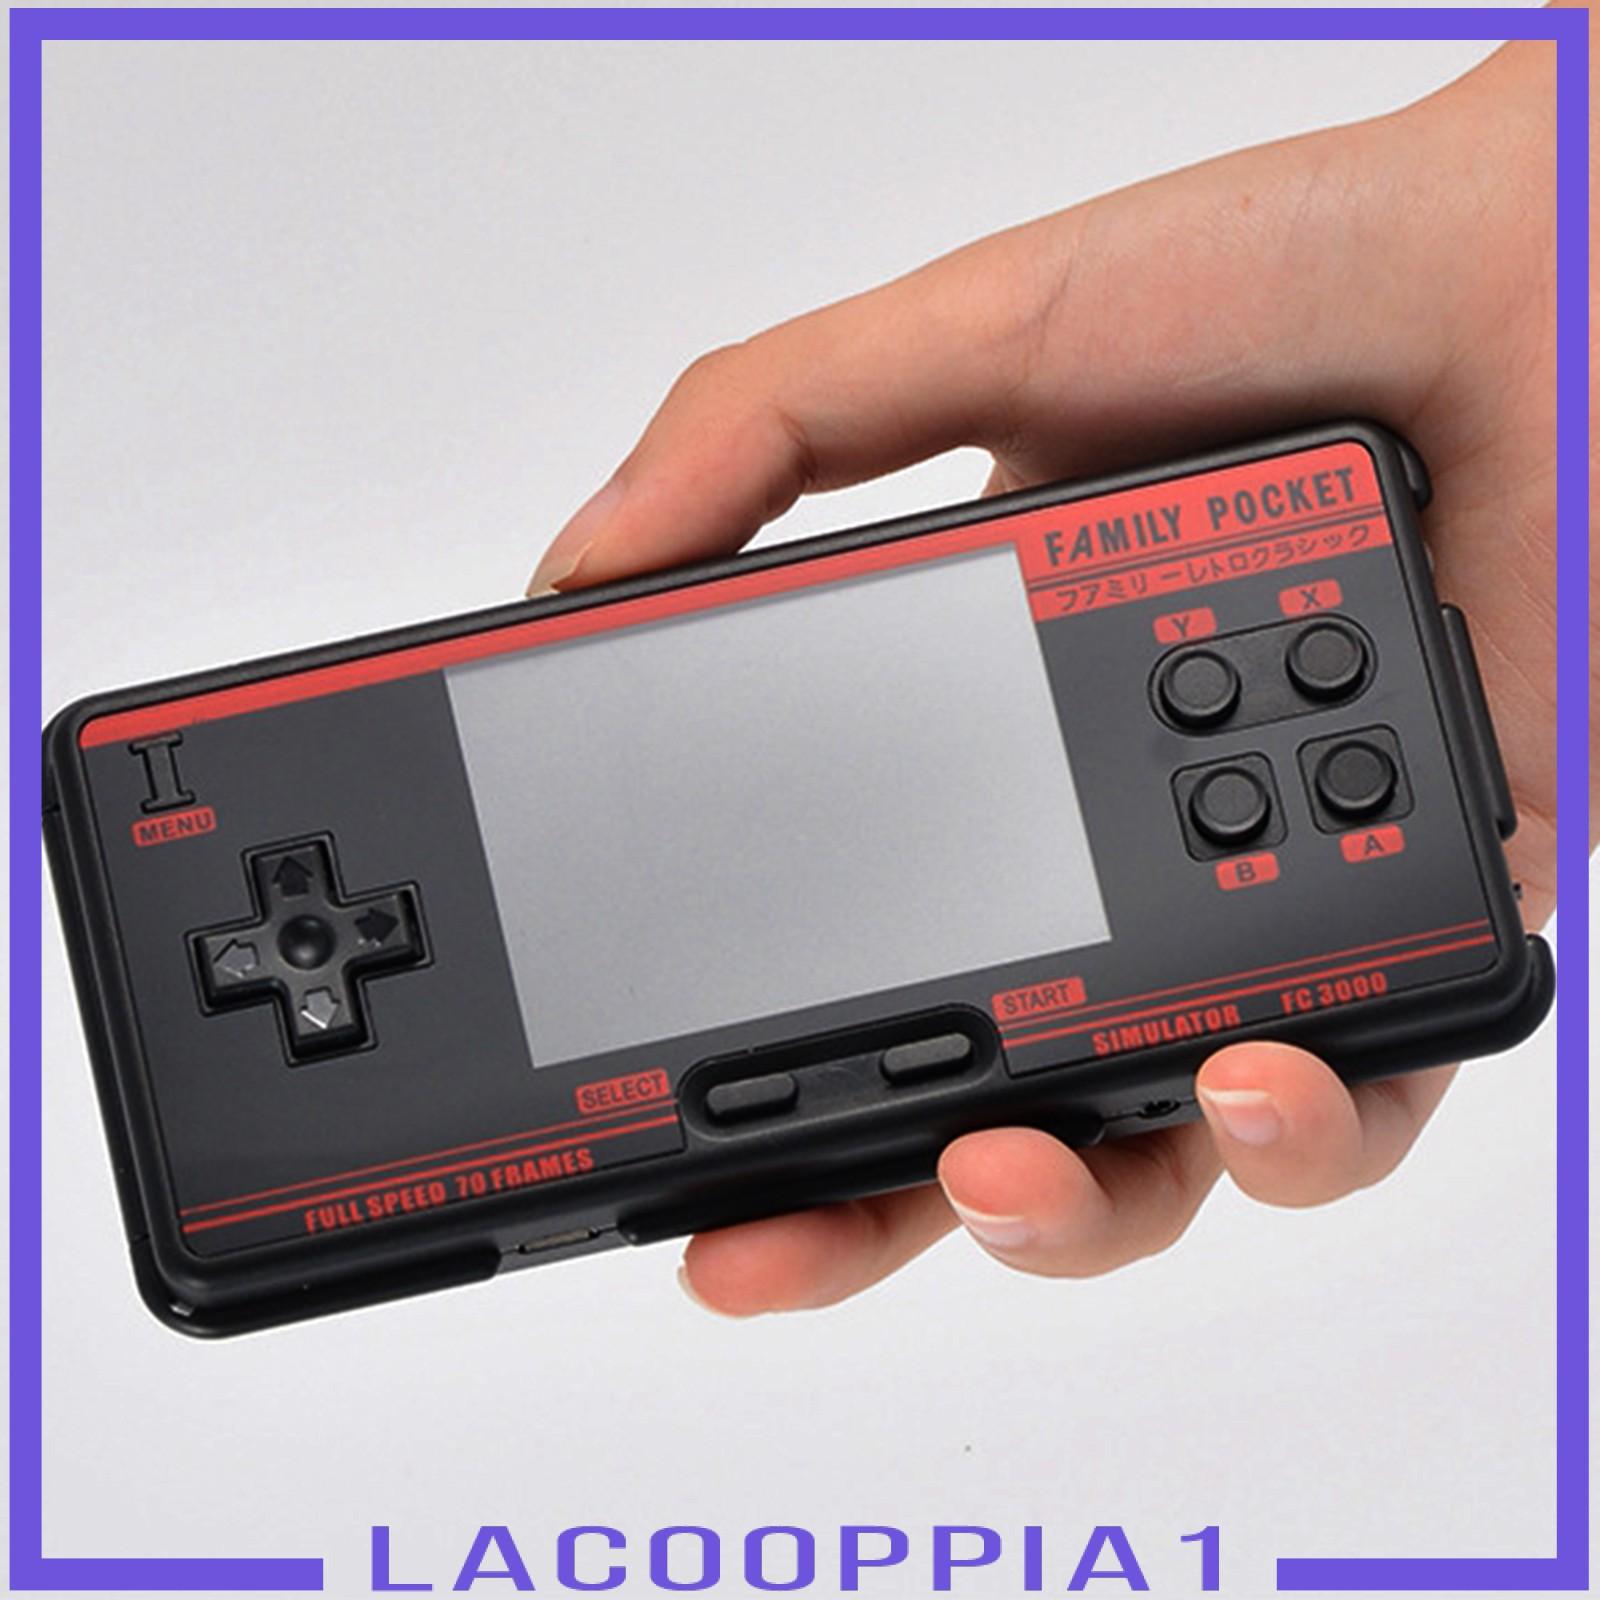 """[Lacooppia1] Fc3000 掌上游戲機 3\ """"高清屏幕視頻經典遊戲機"""